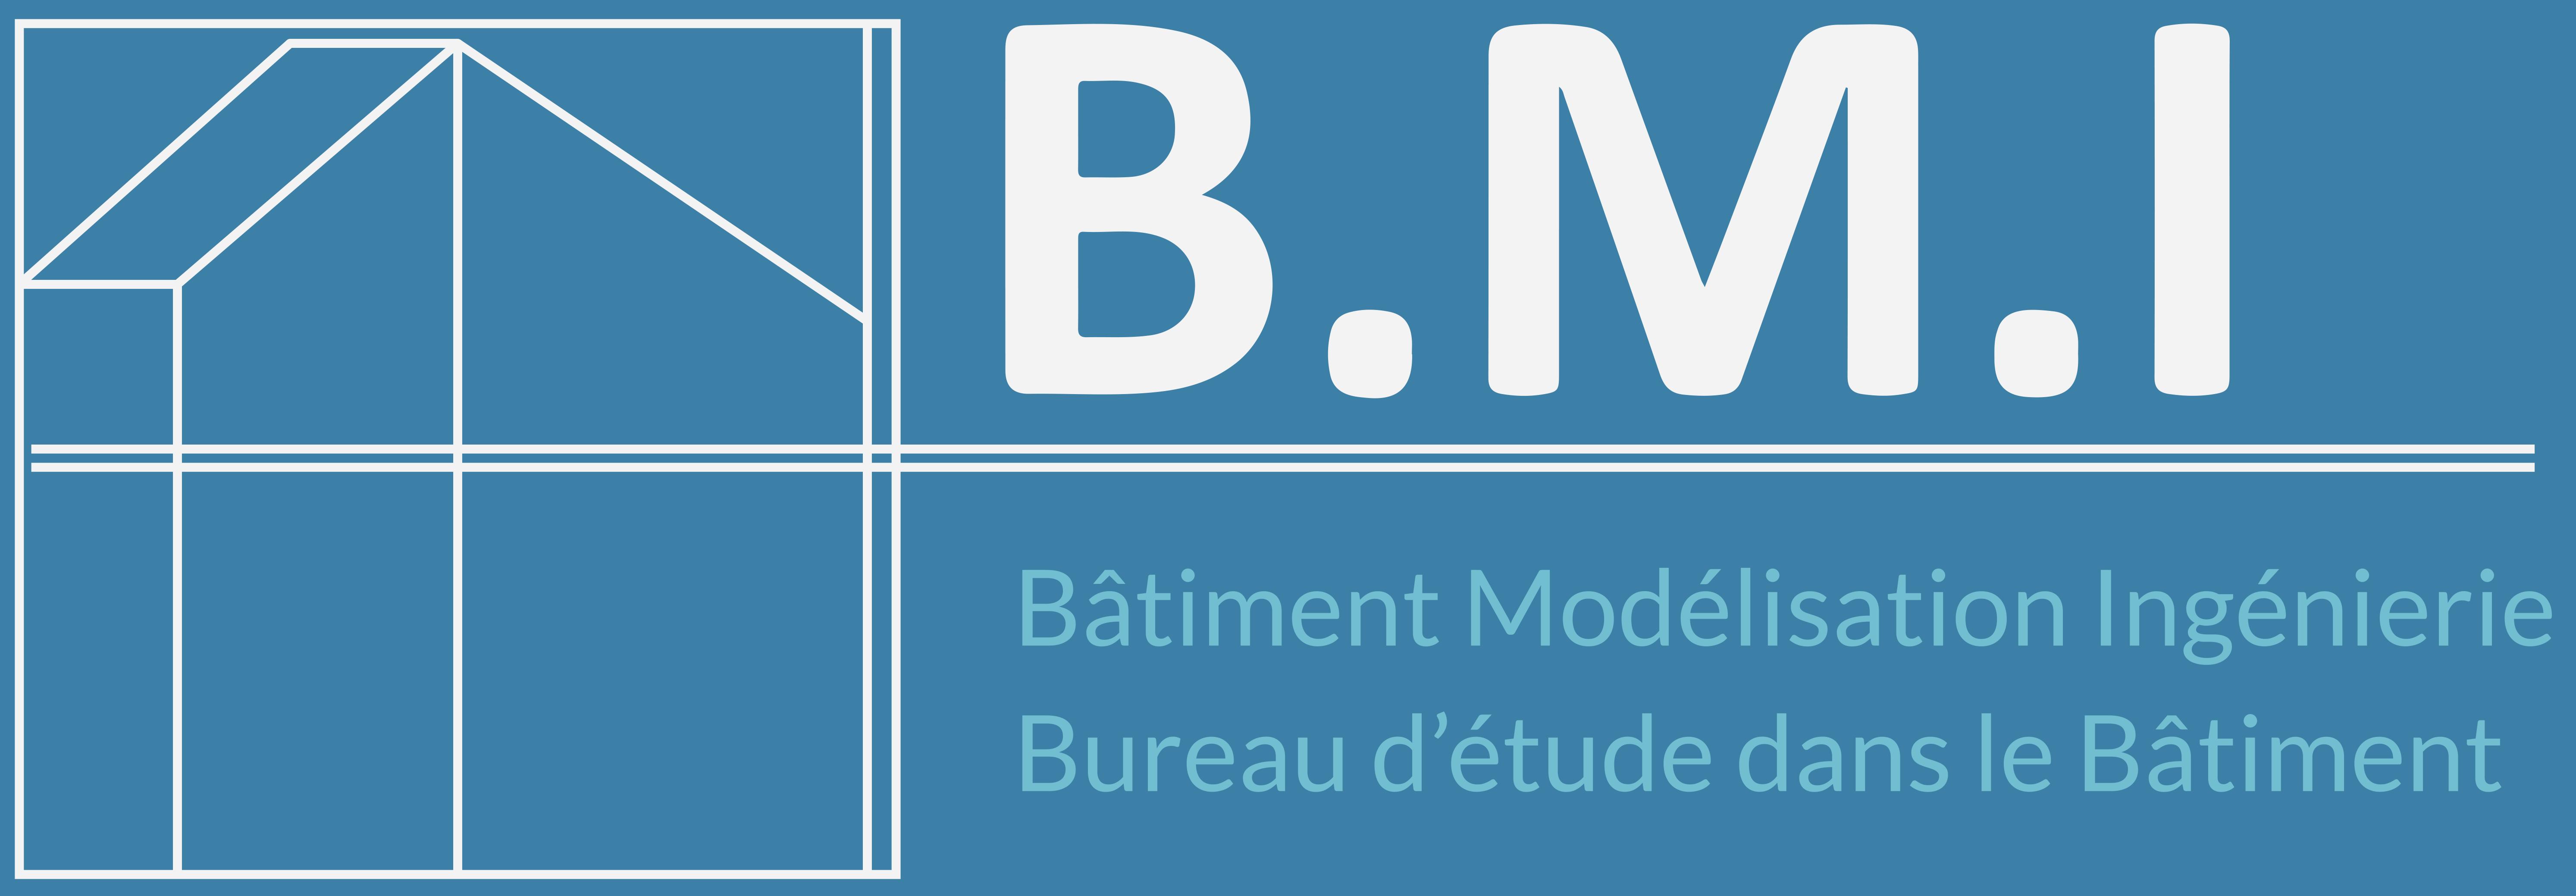 B.M.I - Bâtiment Modélisation Ingénierie : Bureau d'étude dans le bâtiment (Accueil)